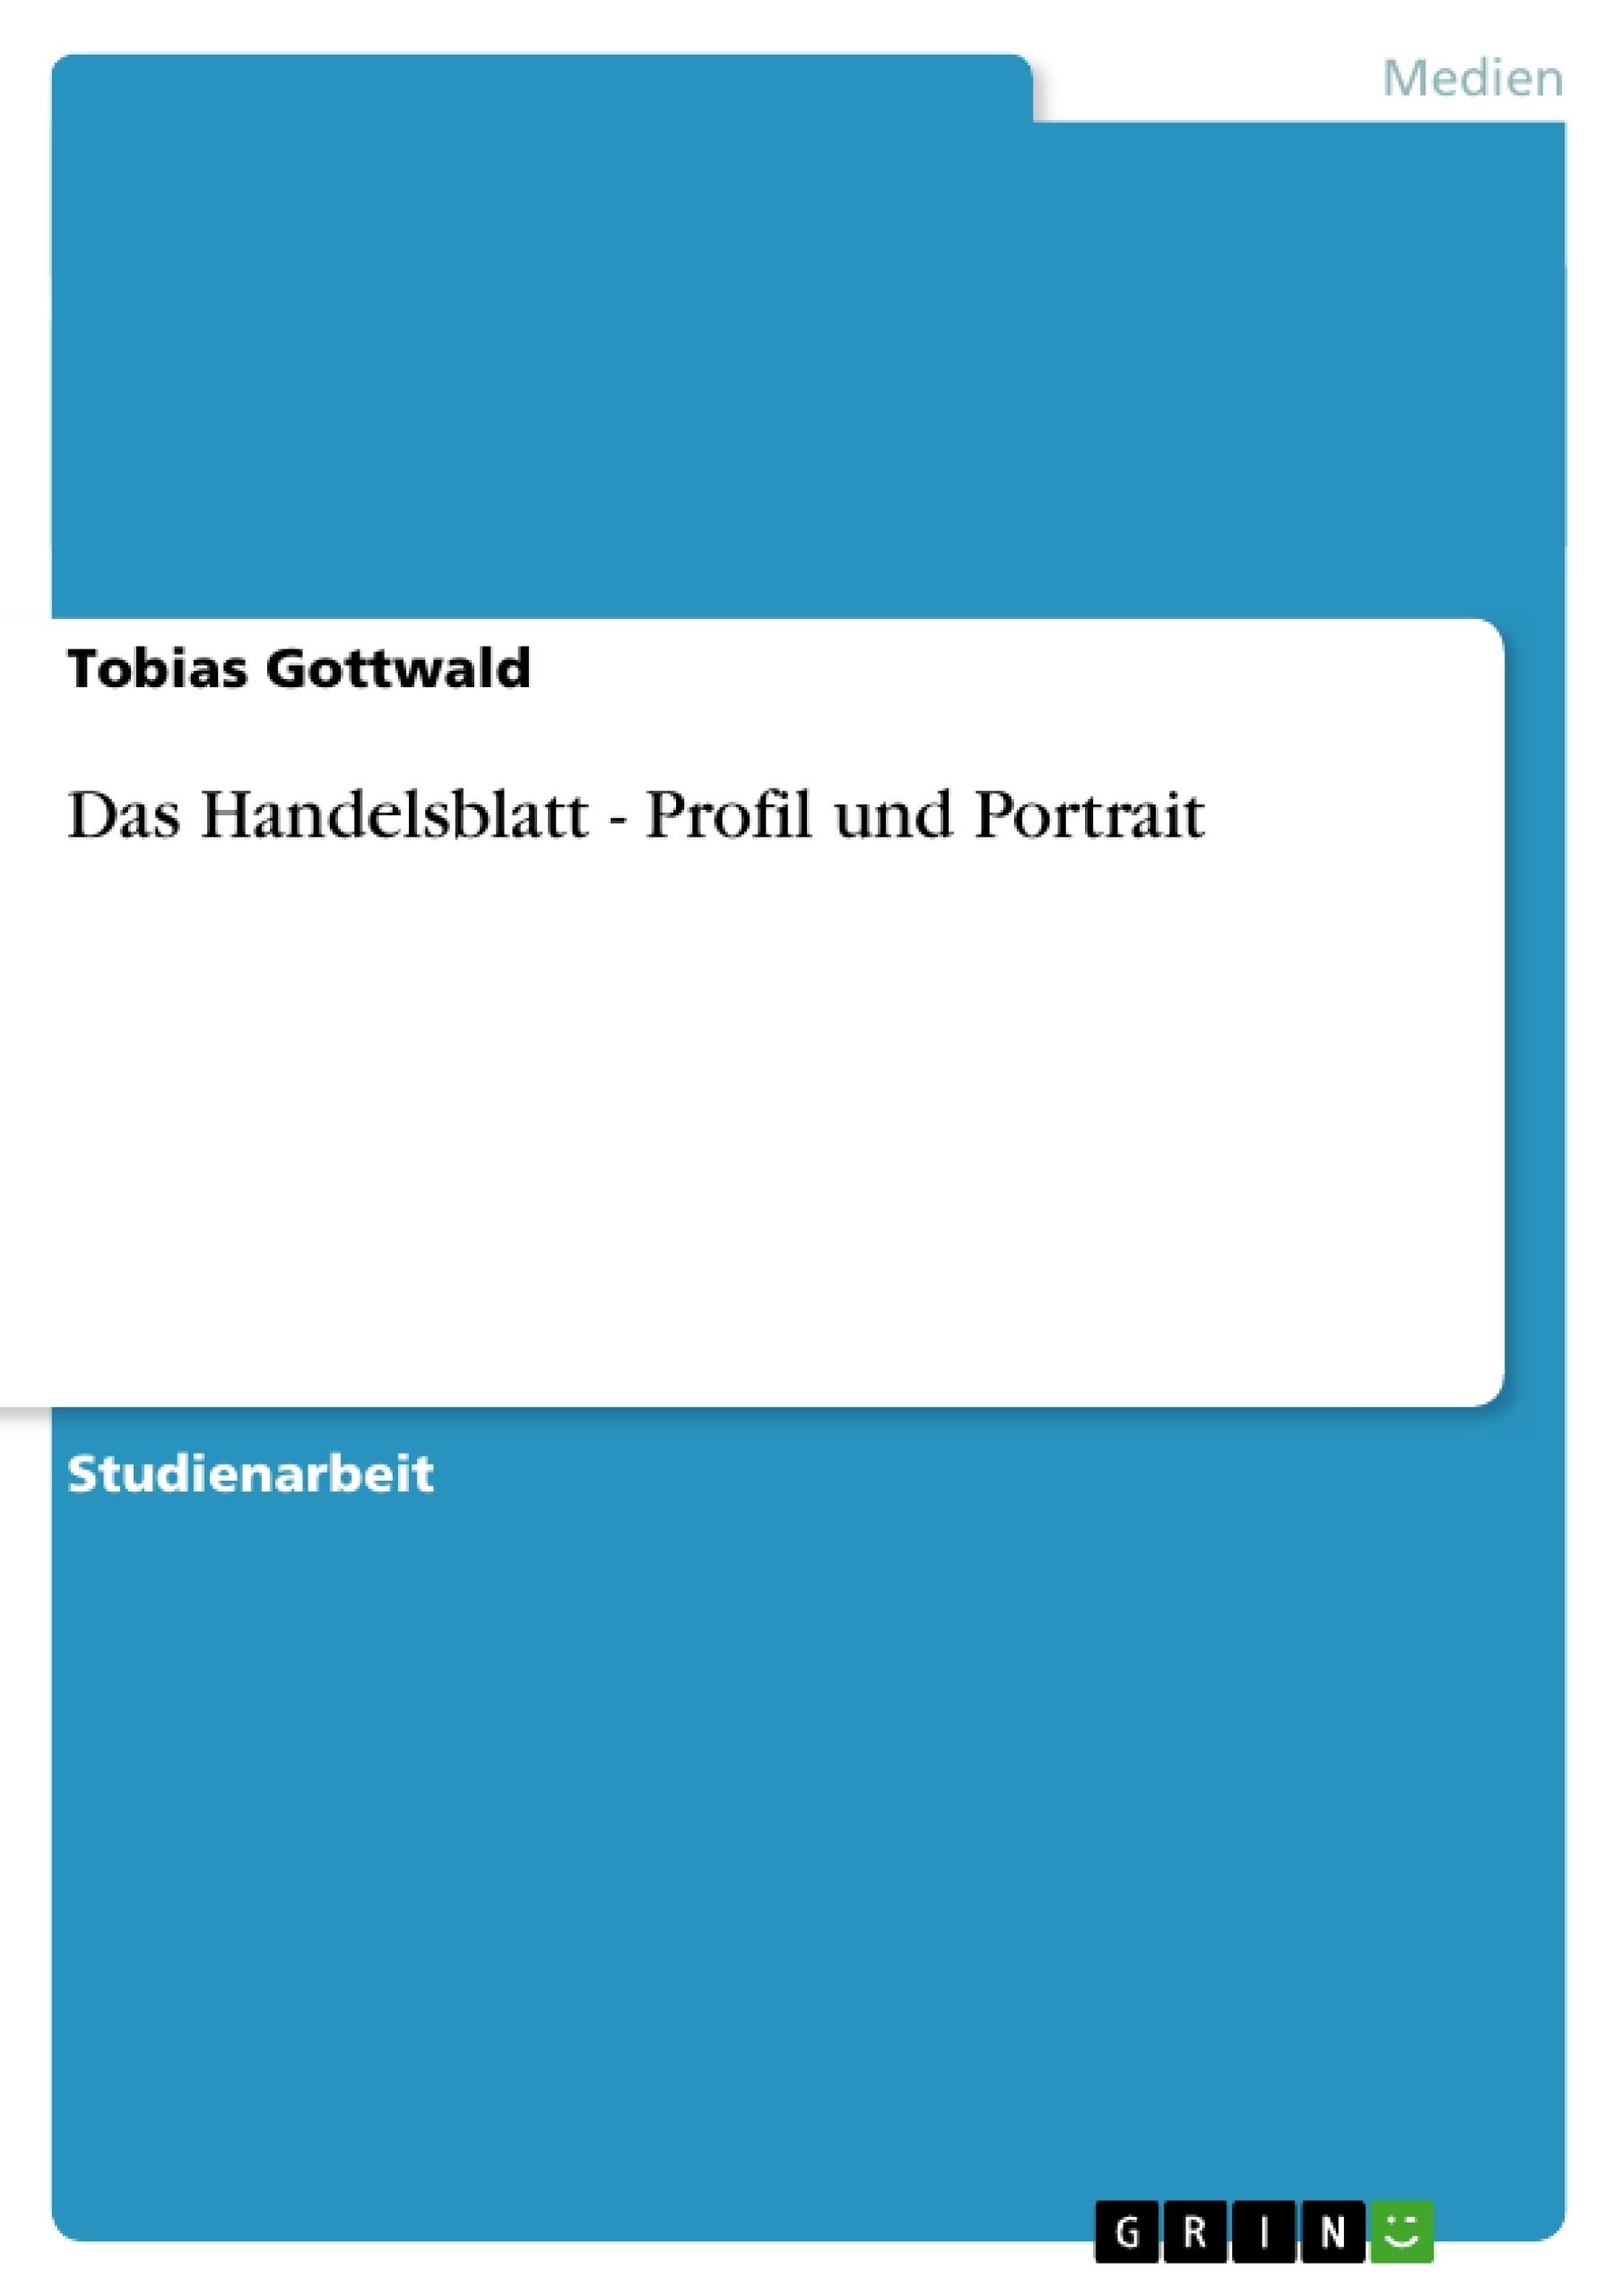 Titel: Das Handelsblatt - Profil und Portrait